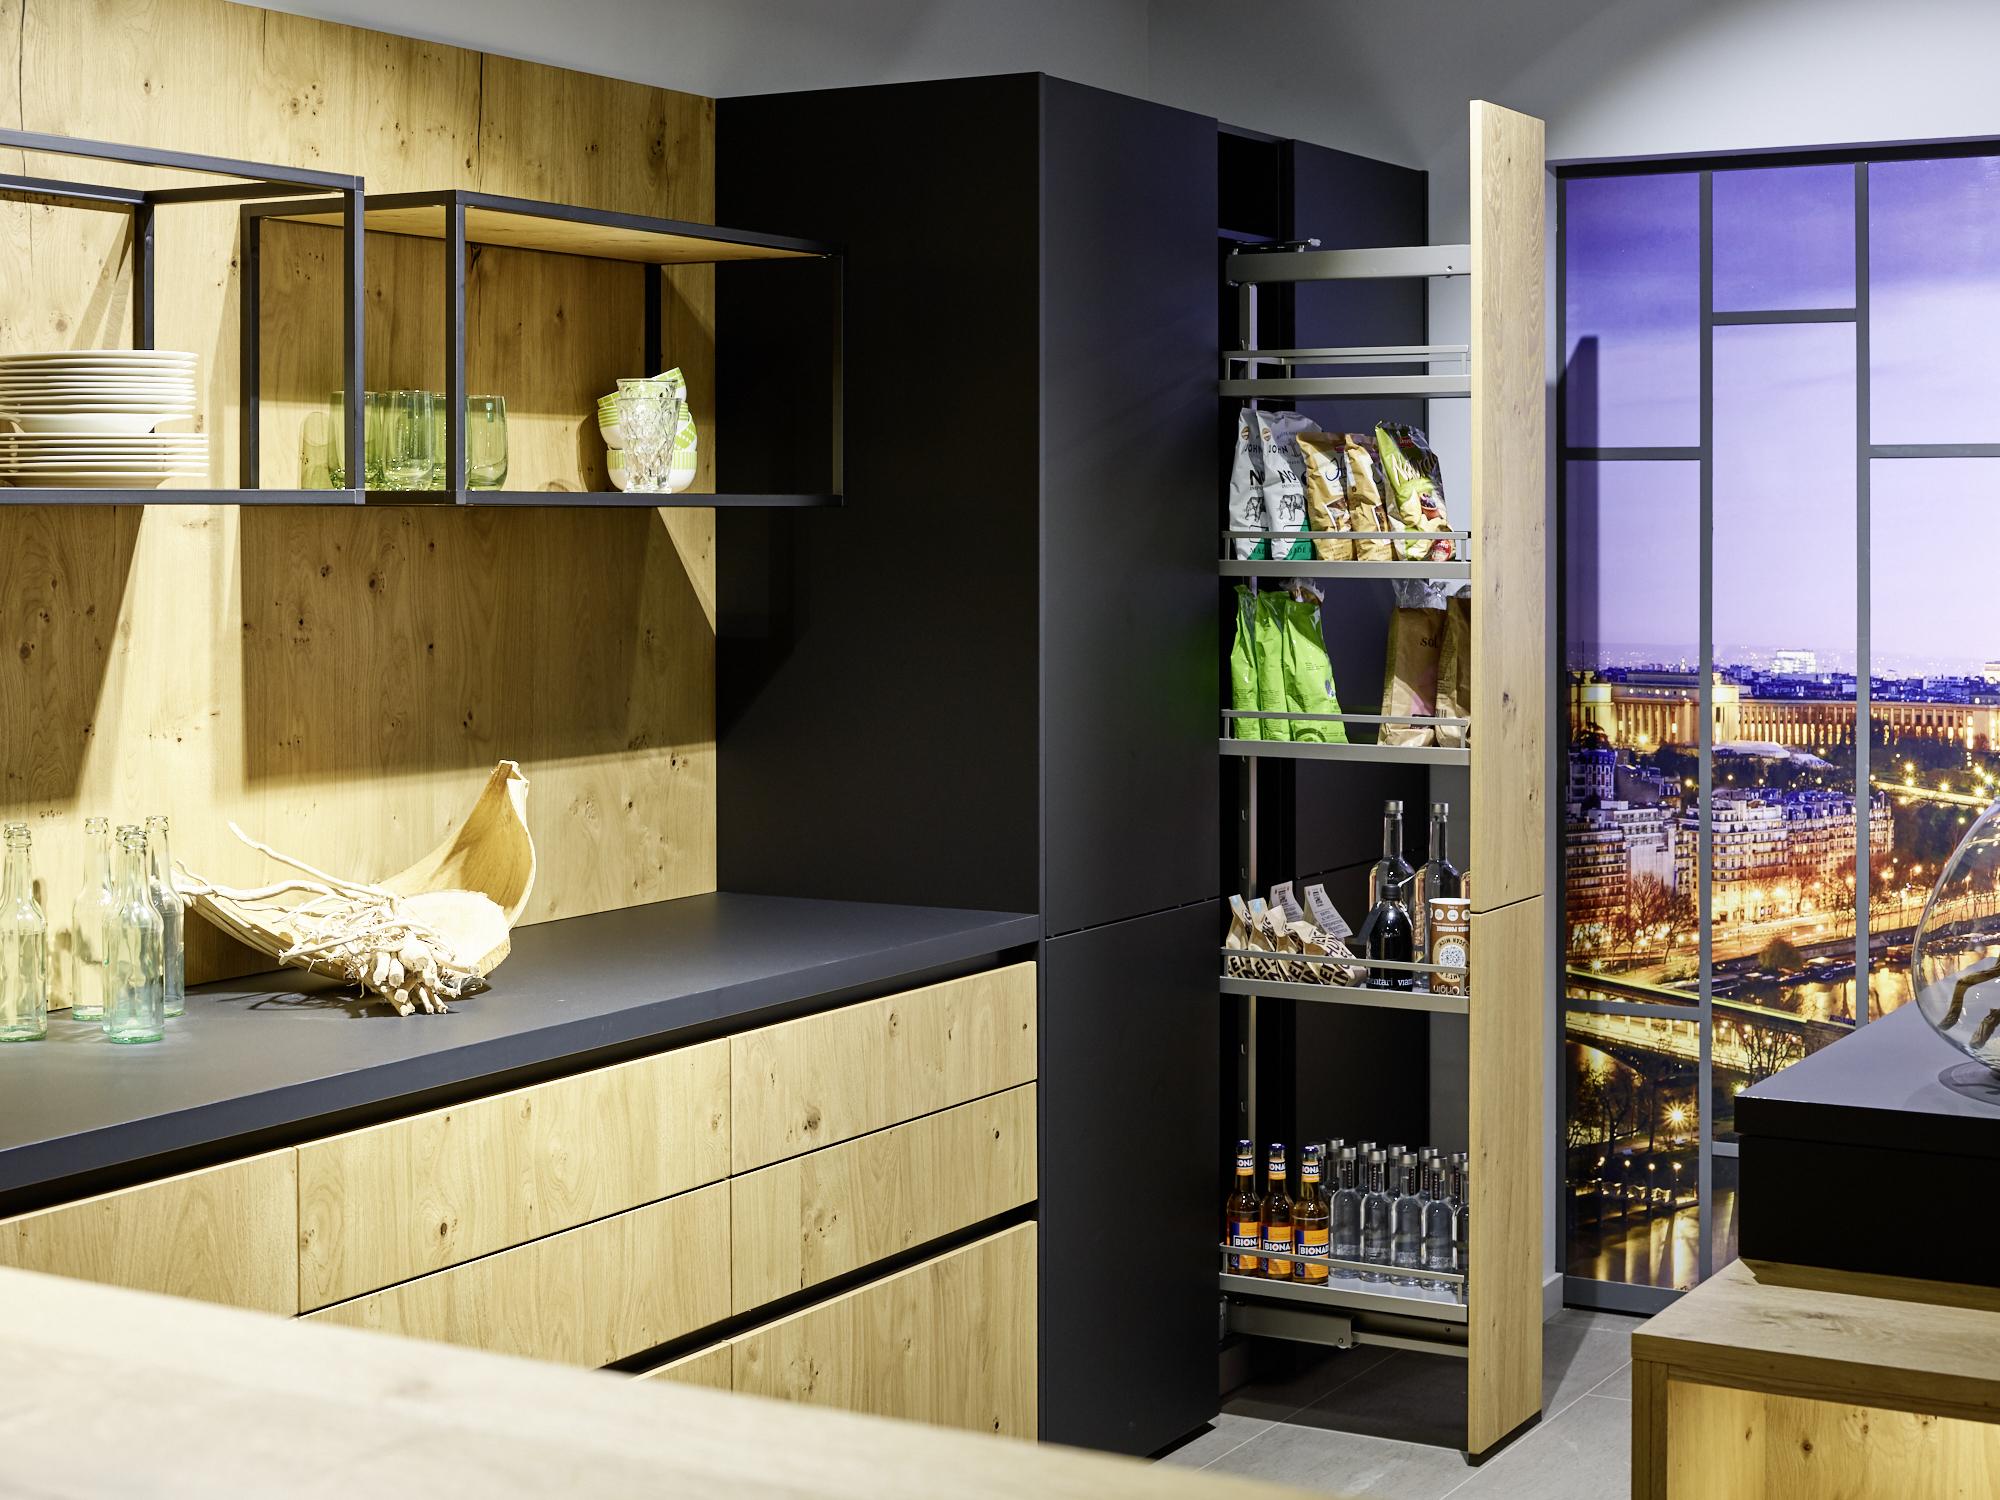 Nischenlösung Küche | Fokus Kuchennische Amk Arbeitsgemeinschaft Die Moderne Kuche E V